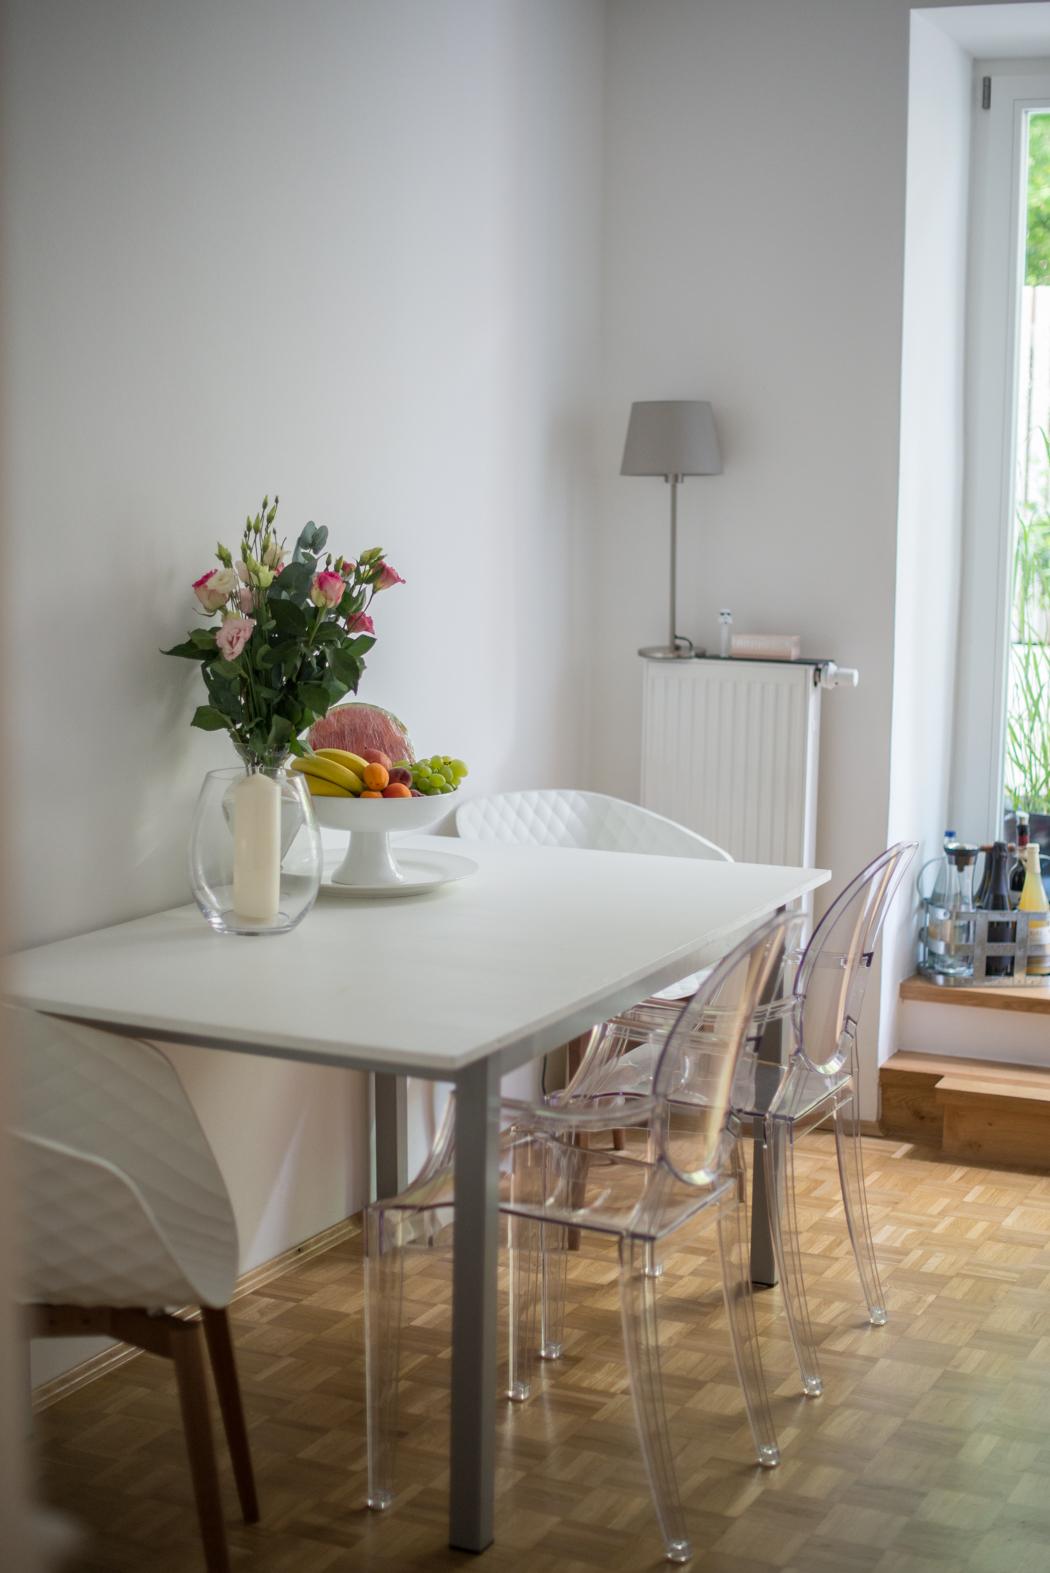 Fashionblog-Fashionblogger-Fashion-Blog-Blogger-Lifestyle-Interior-Interieur-Küche-Kitchen-Lindarella-Linda-Rella-9